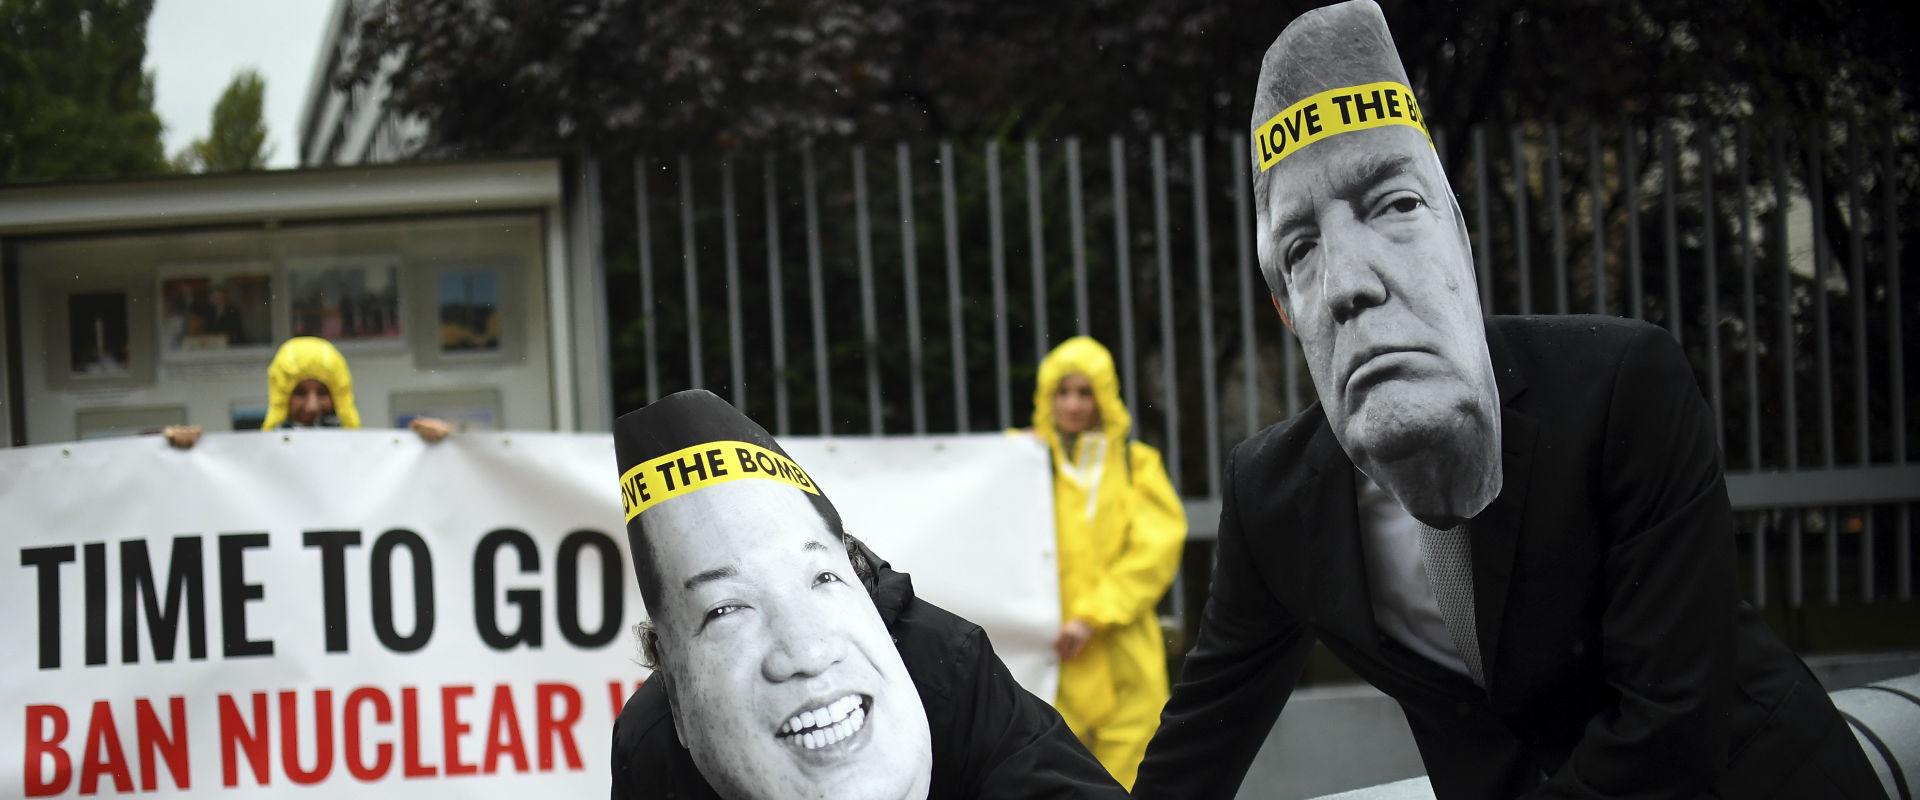 מחאה של הארגון לפירוז העולם מנשק גרעיני באוסטרליה